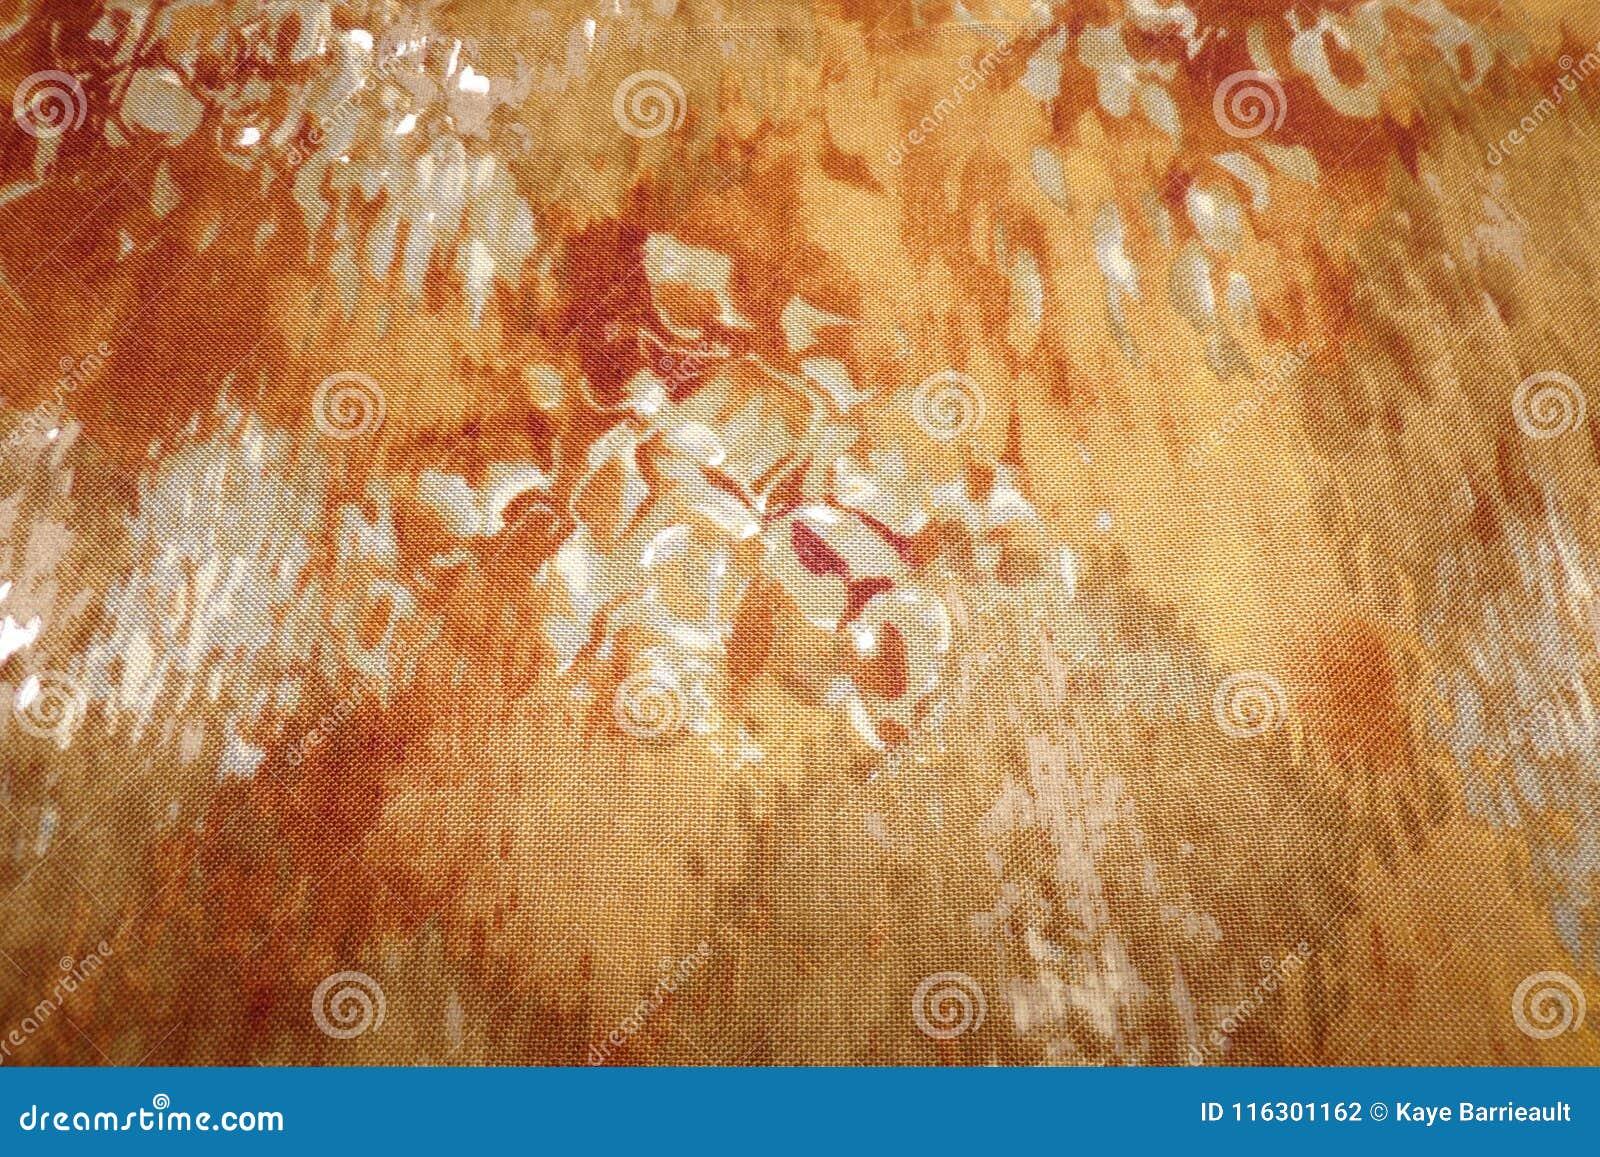 Rust Colors